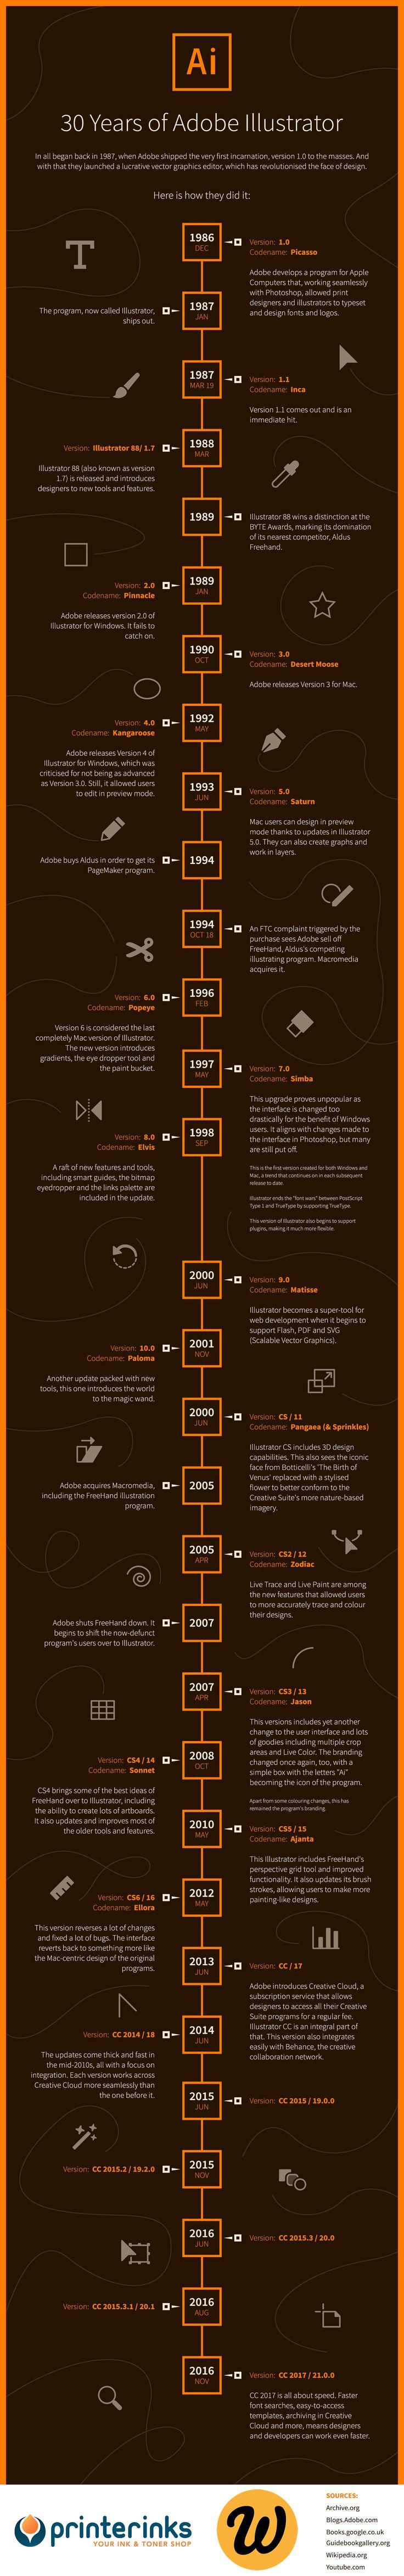 [#Infographie] Retour sur les 30 ans d'#Adobe #Illustrator